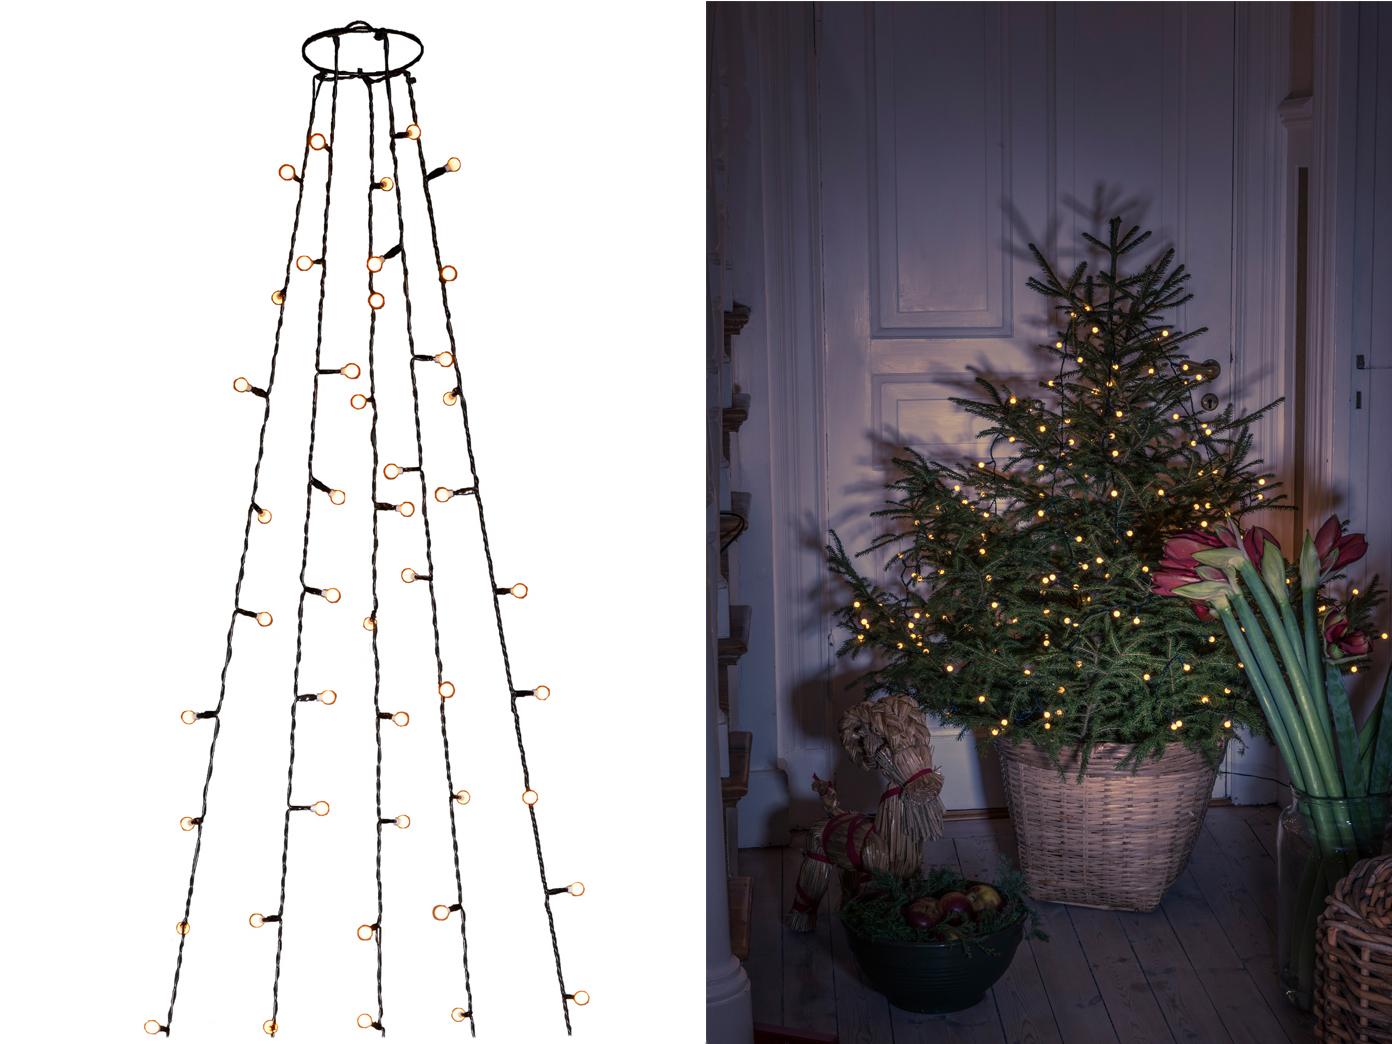 Lichterkette Weihnachtsbaum.Lichterkette Für Innen 250 Bernsteinfarbene Led S Weihnachtsbaum Beleuchtung